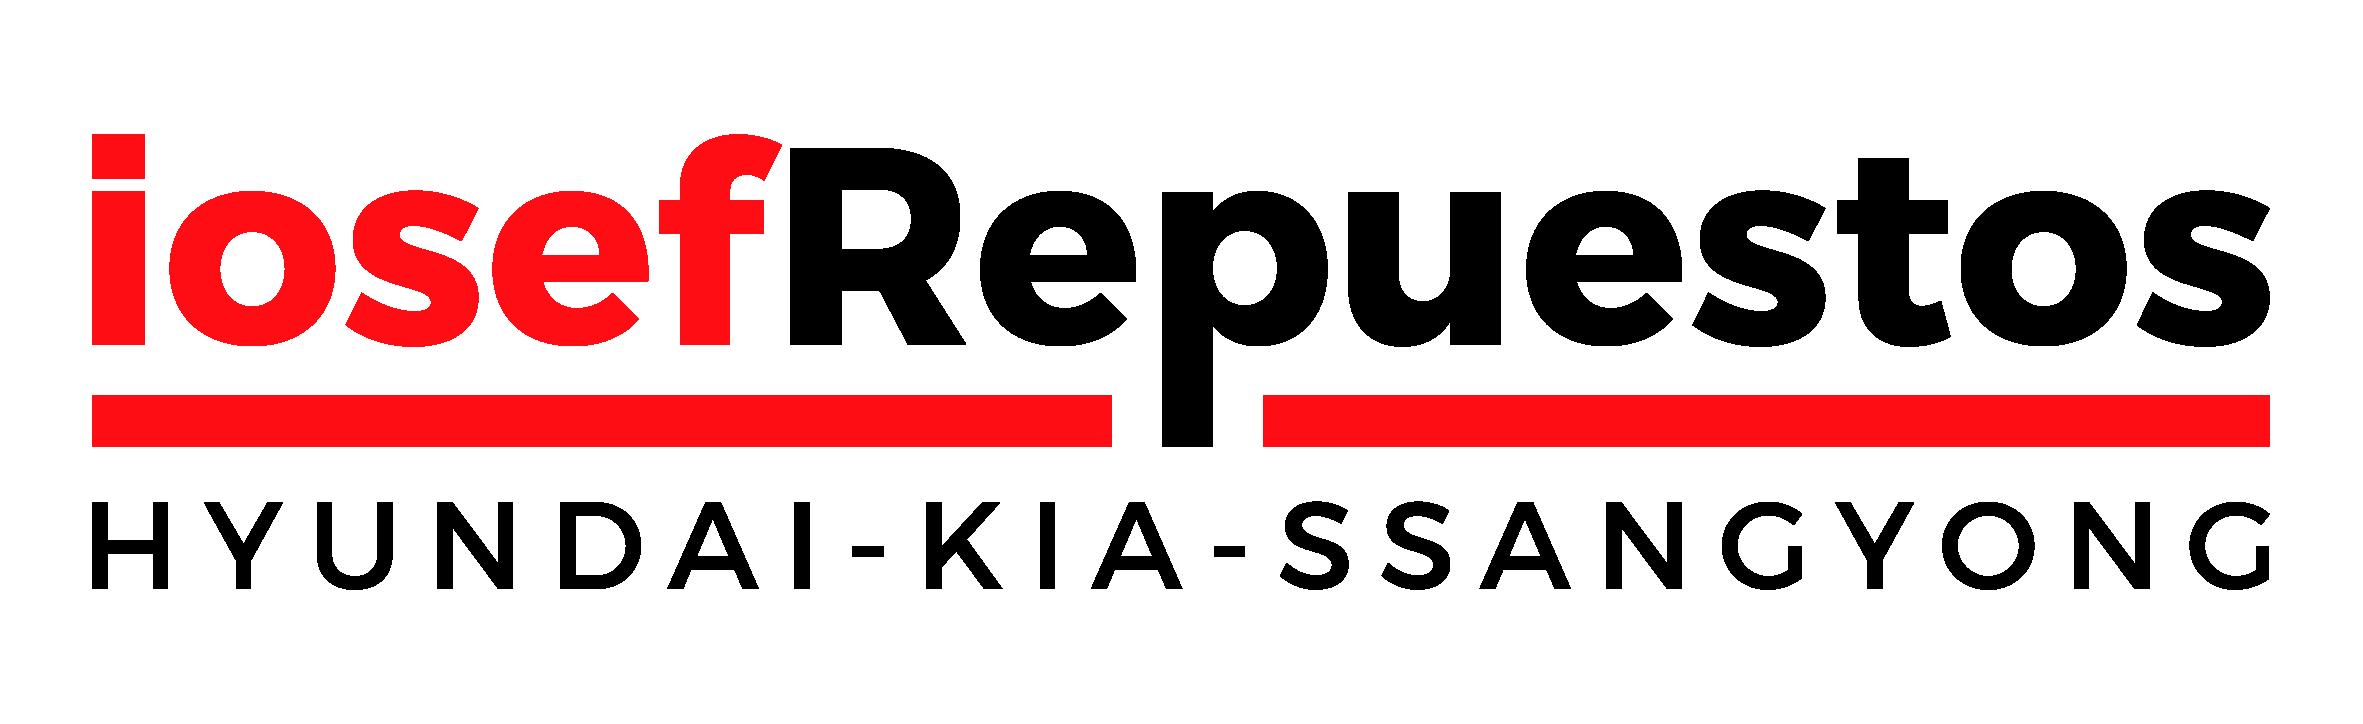 Empresas Desafio10x: Importadora y Comercializadora HS Limitada